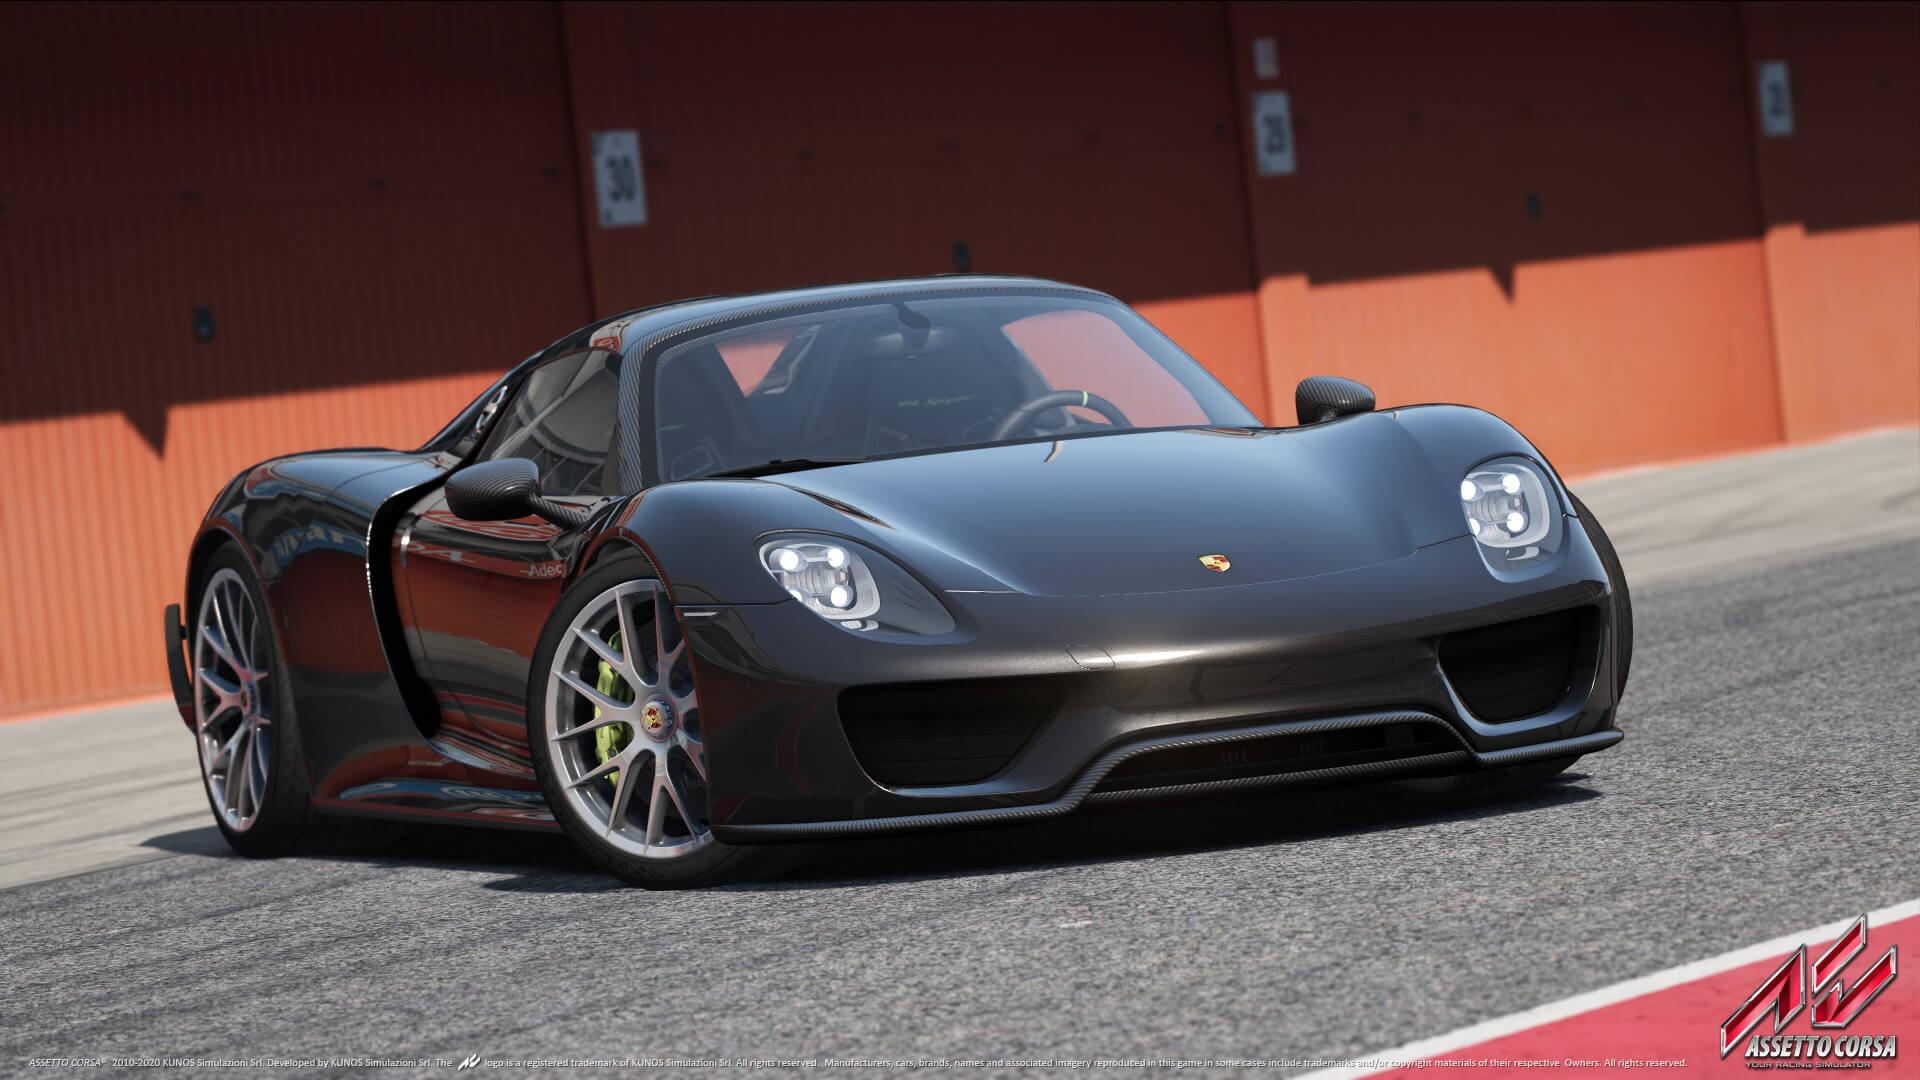 Il Porsche Pack Volume 3 per Assetto Corsa, è finalmente disponibile!